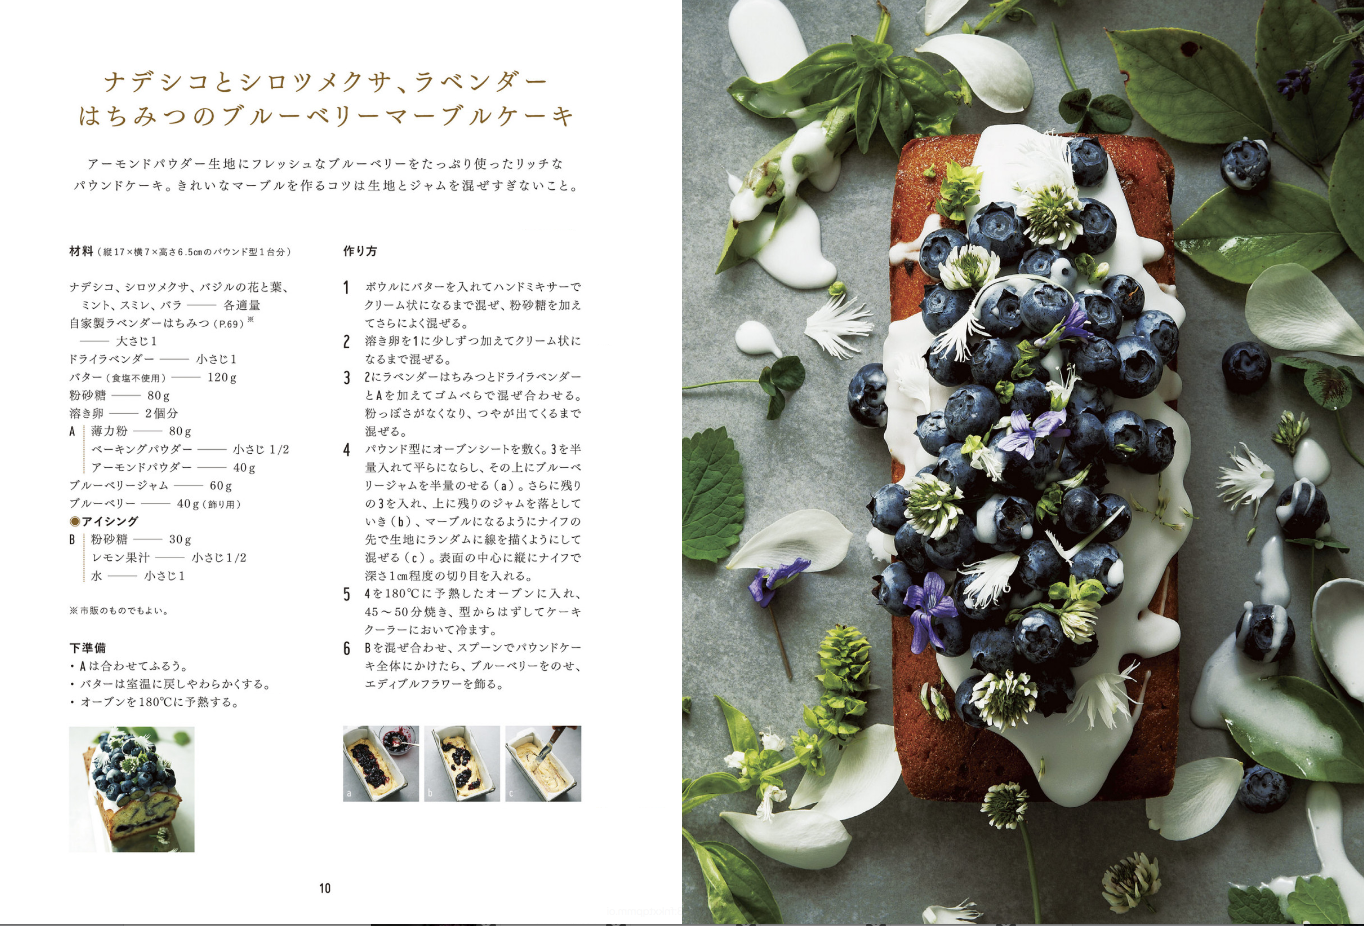 【送料無料】FLOWER SWEETS エディブルフラワーでつくるロマンチックな大人スイーツ [書籍] - 画像2